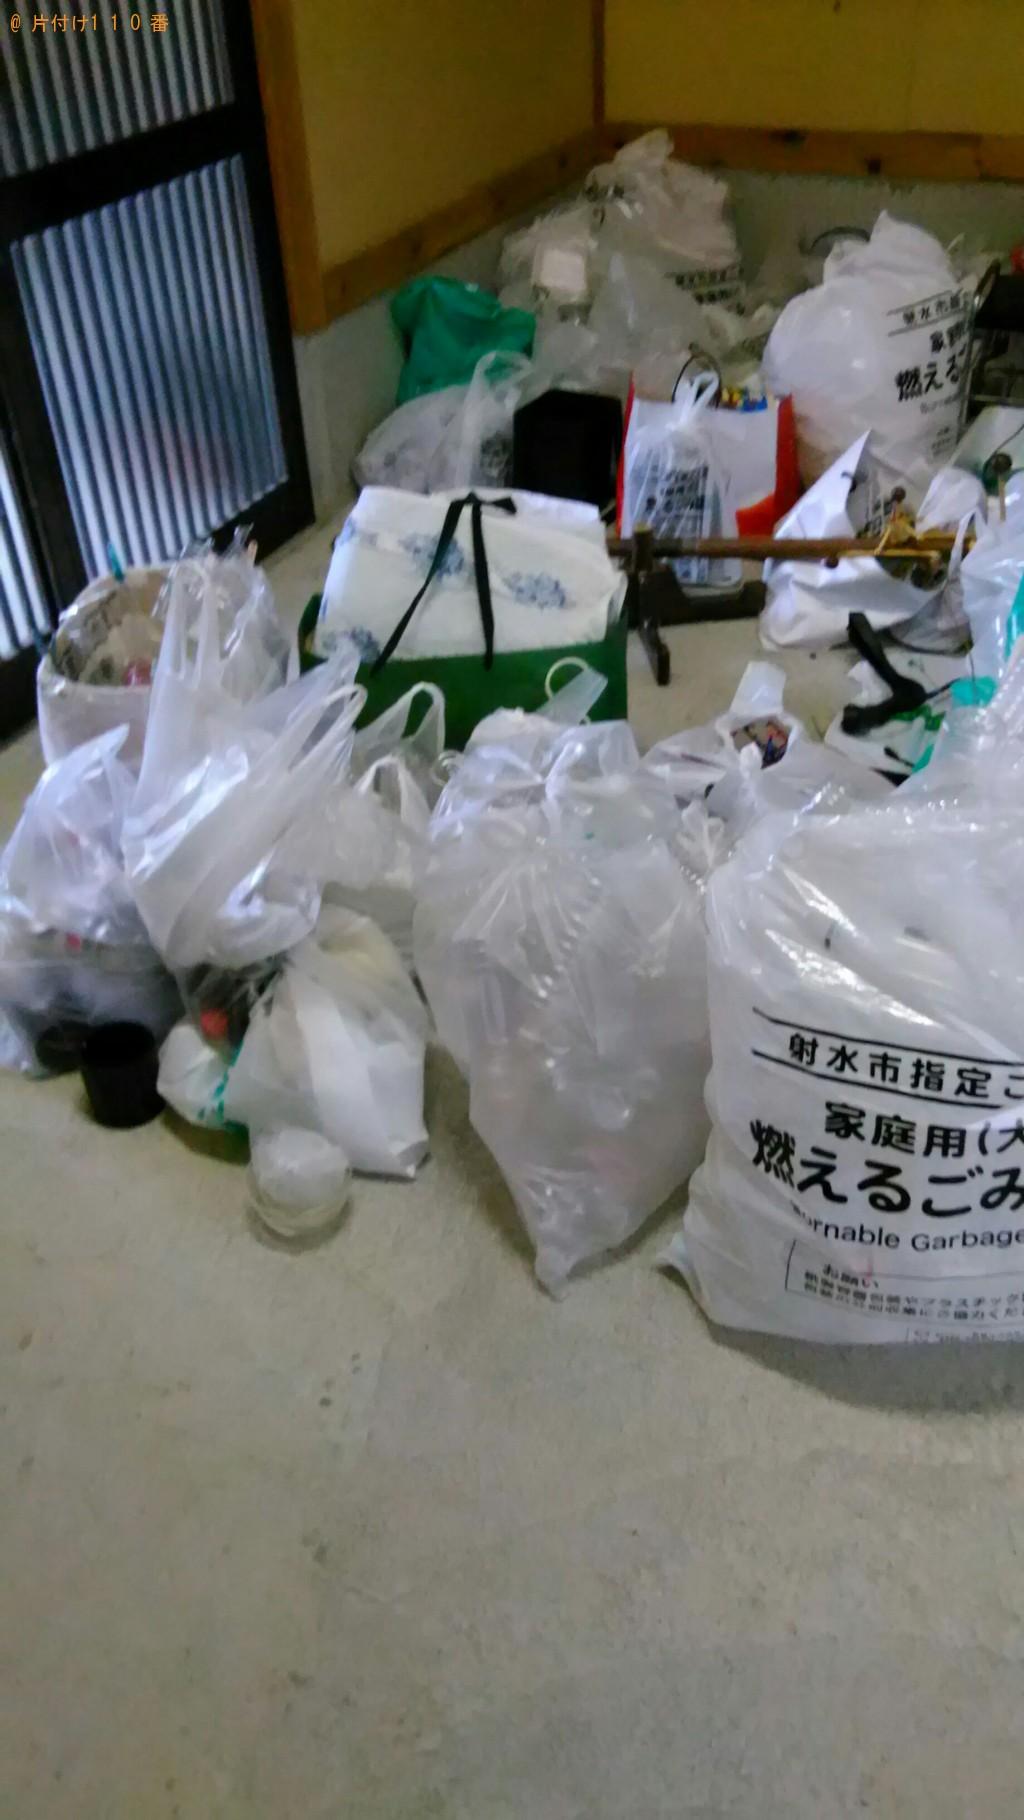 【射水市庄川本町】ハンガーラック、ペットボトル等の回収・処分